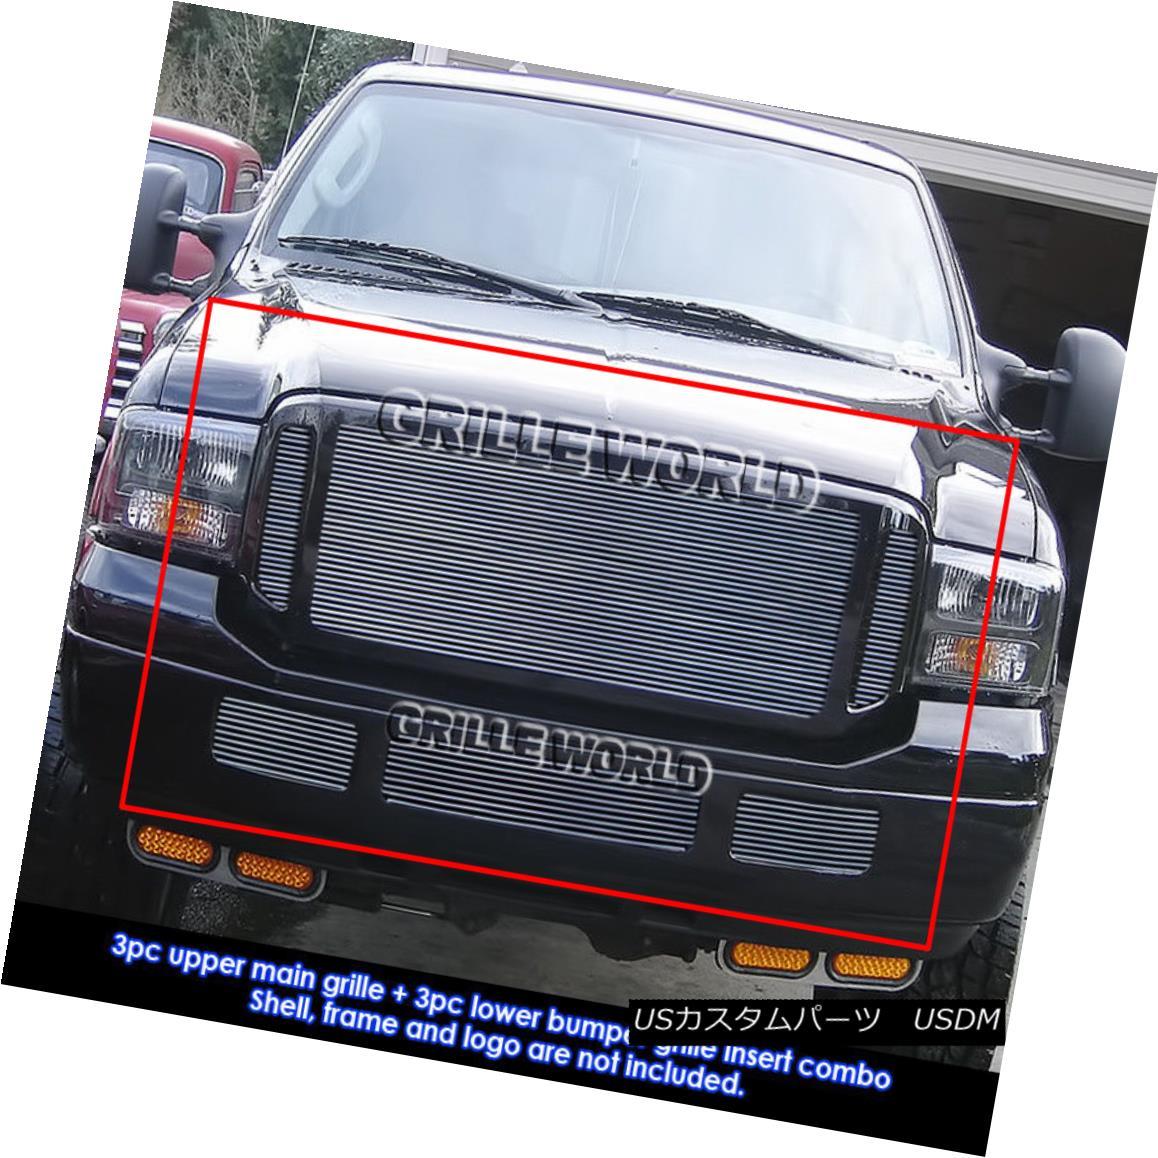 グリル Fits 2005-2007 Ford Excursion/F250/F350 SD Billet Grille Grill Insert Combo フィット2005-2007フォードエクスカーション/ F250 / F350 SDビレットグリルグリルインサートコンボ